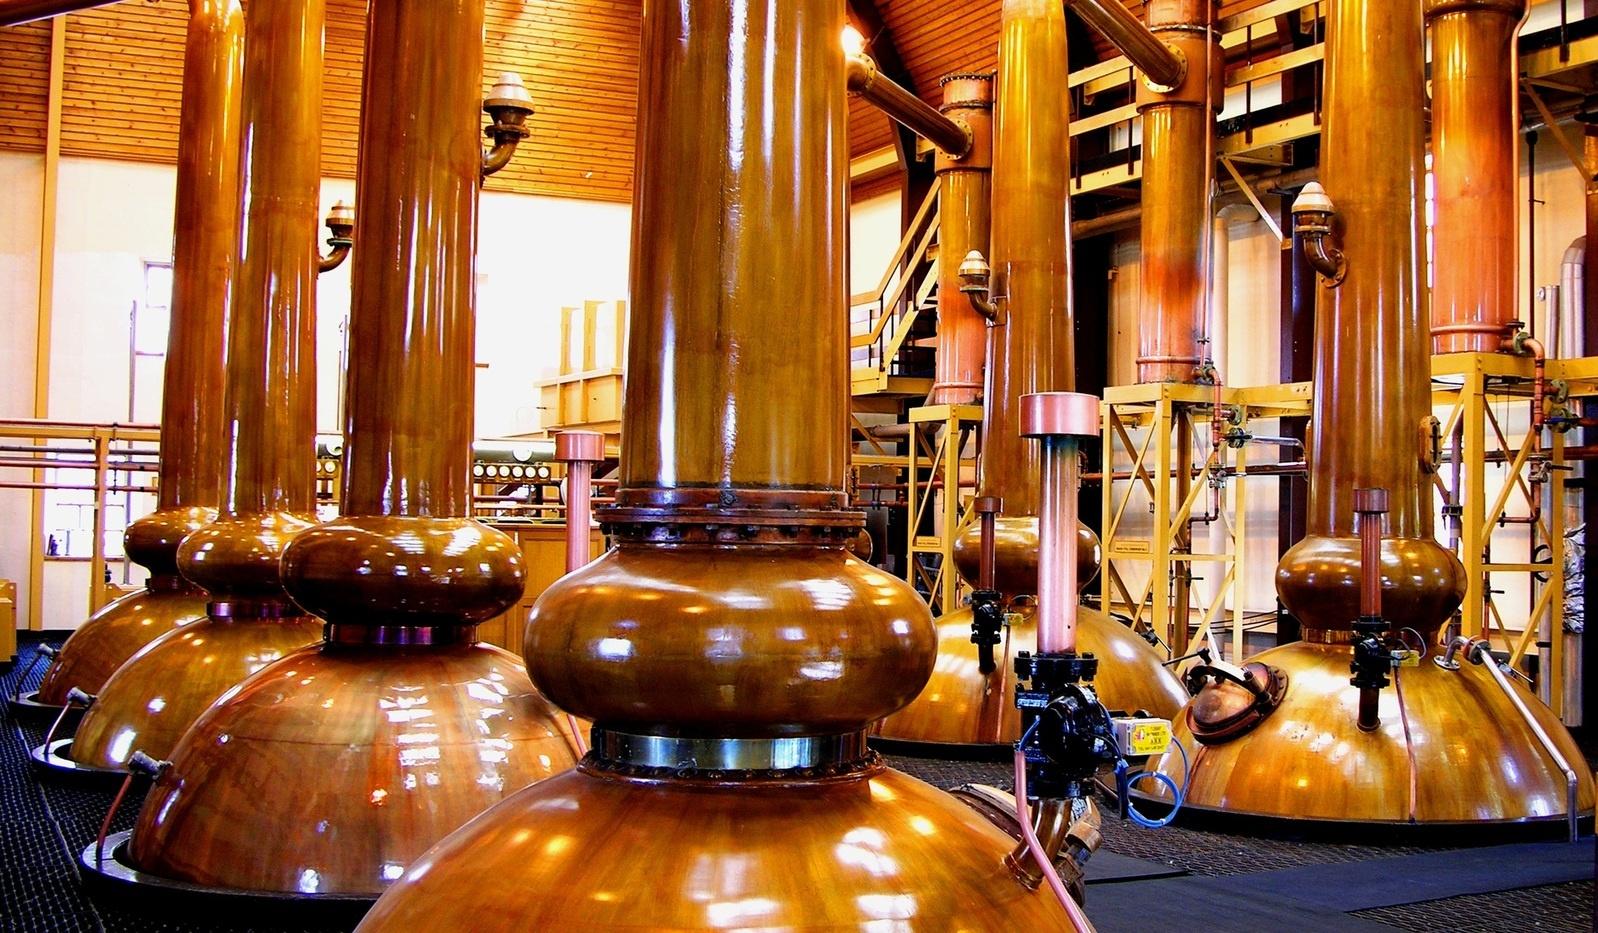 whiskey-stills-1323973-1598x932.jpg